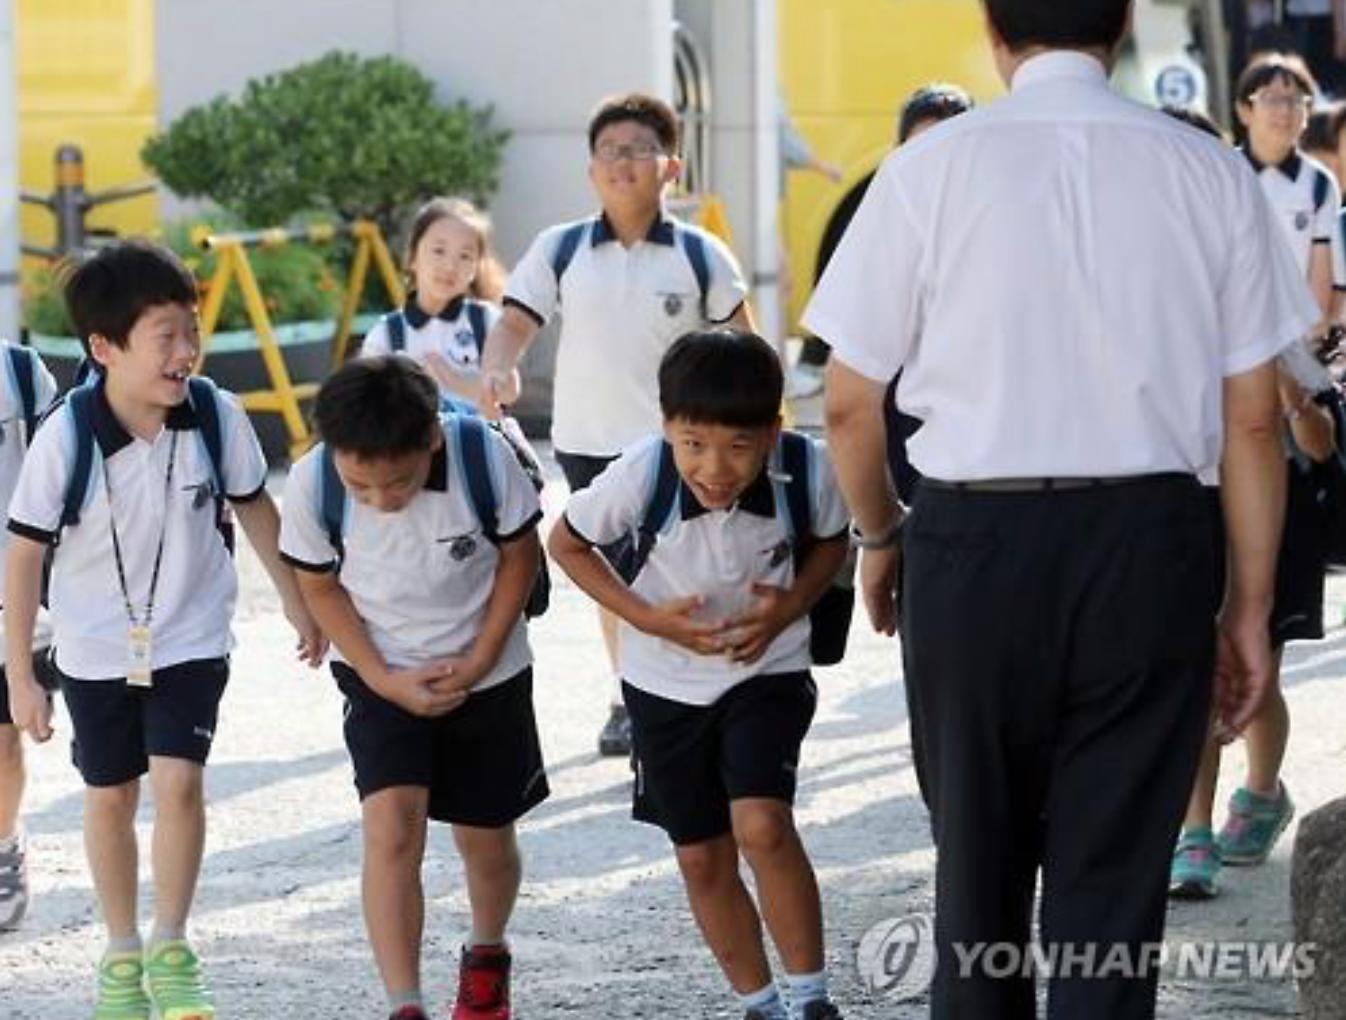 Os alunos se curvam ao seu professor na Shingwang Escola fundamental, em Seul Yongsan Ward em 17 de agosto de 2015, ao regressarem à escola depois das férias de verão, que terminou no dia anterior. (Imagem: Yonhap)